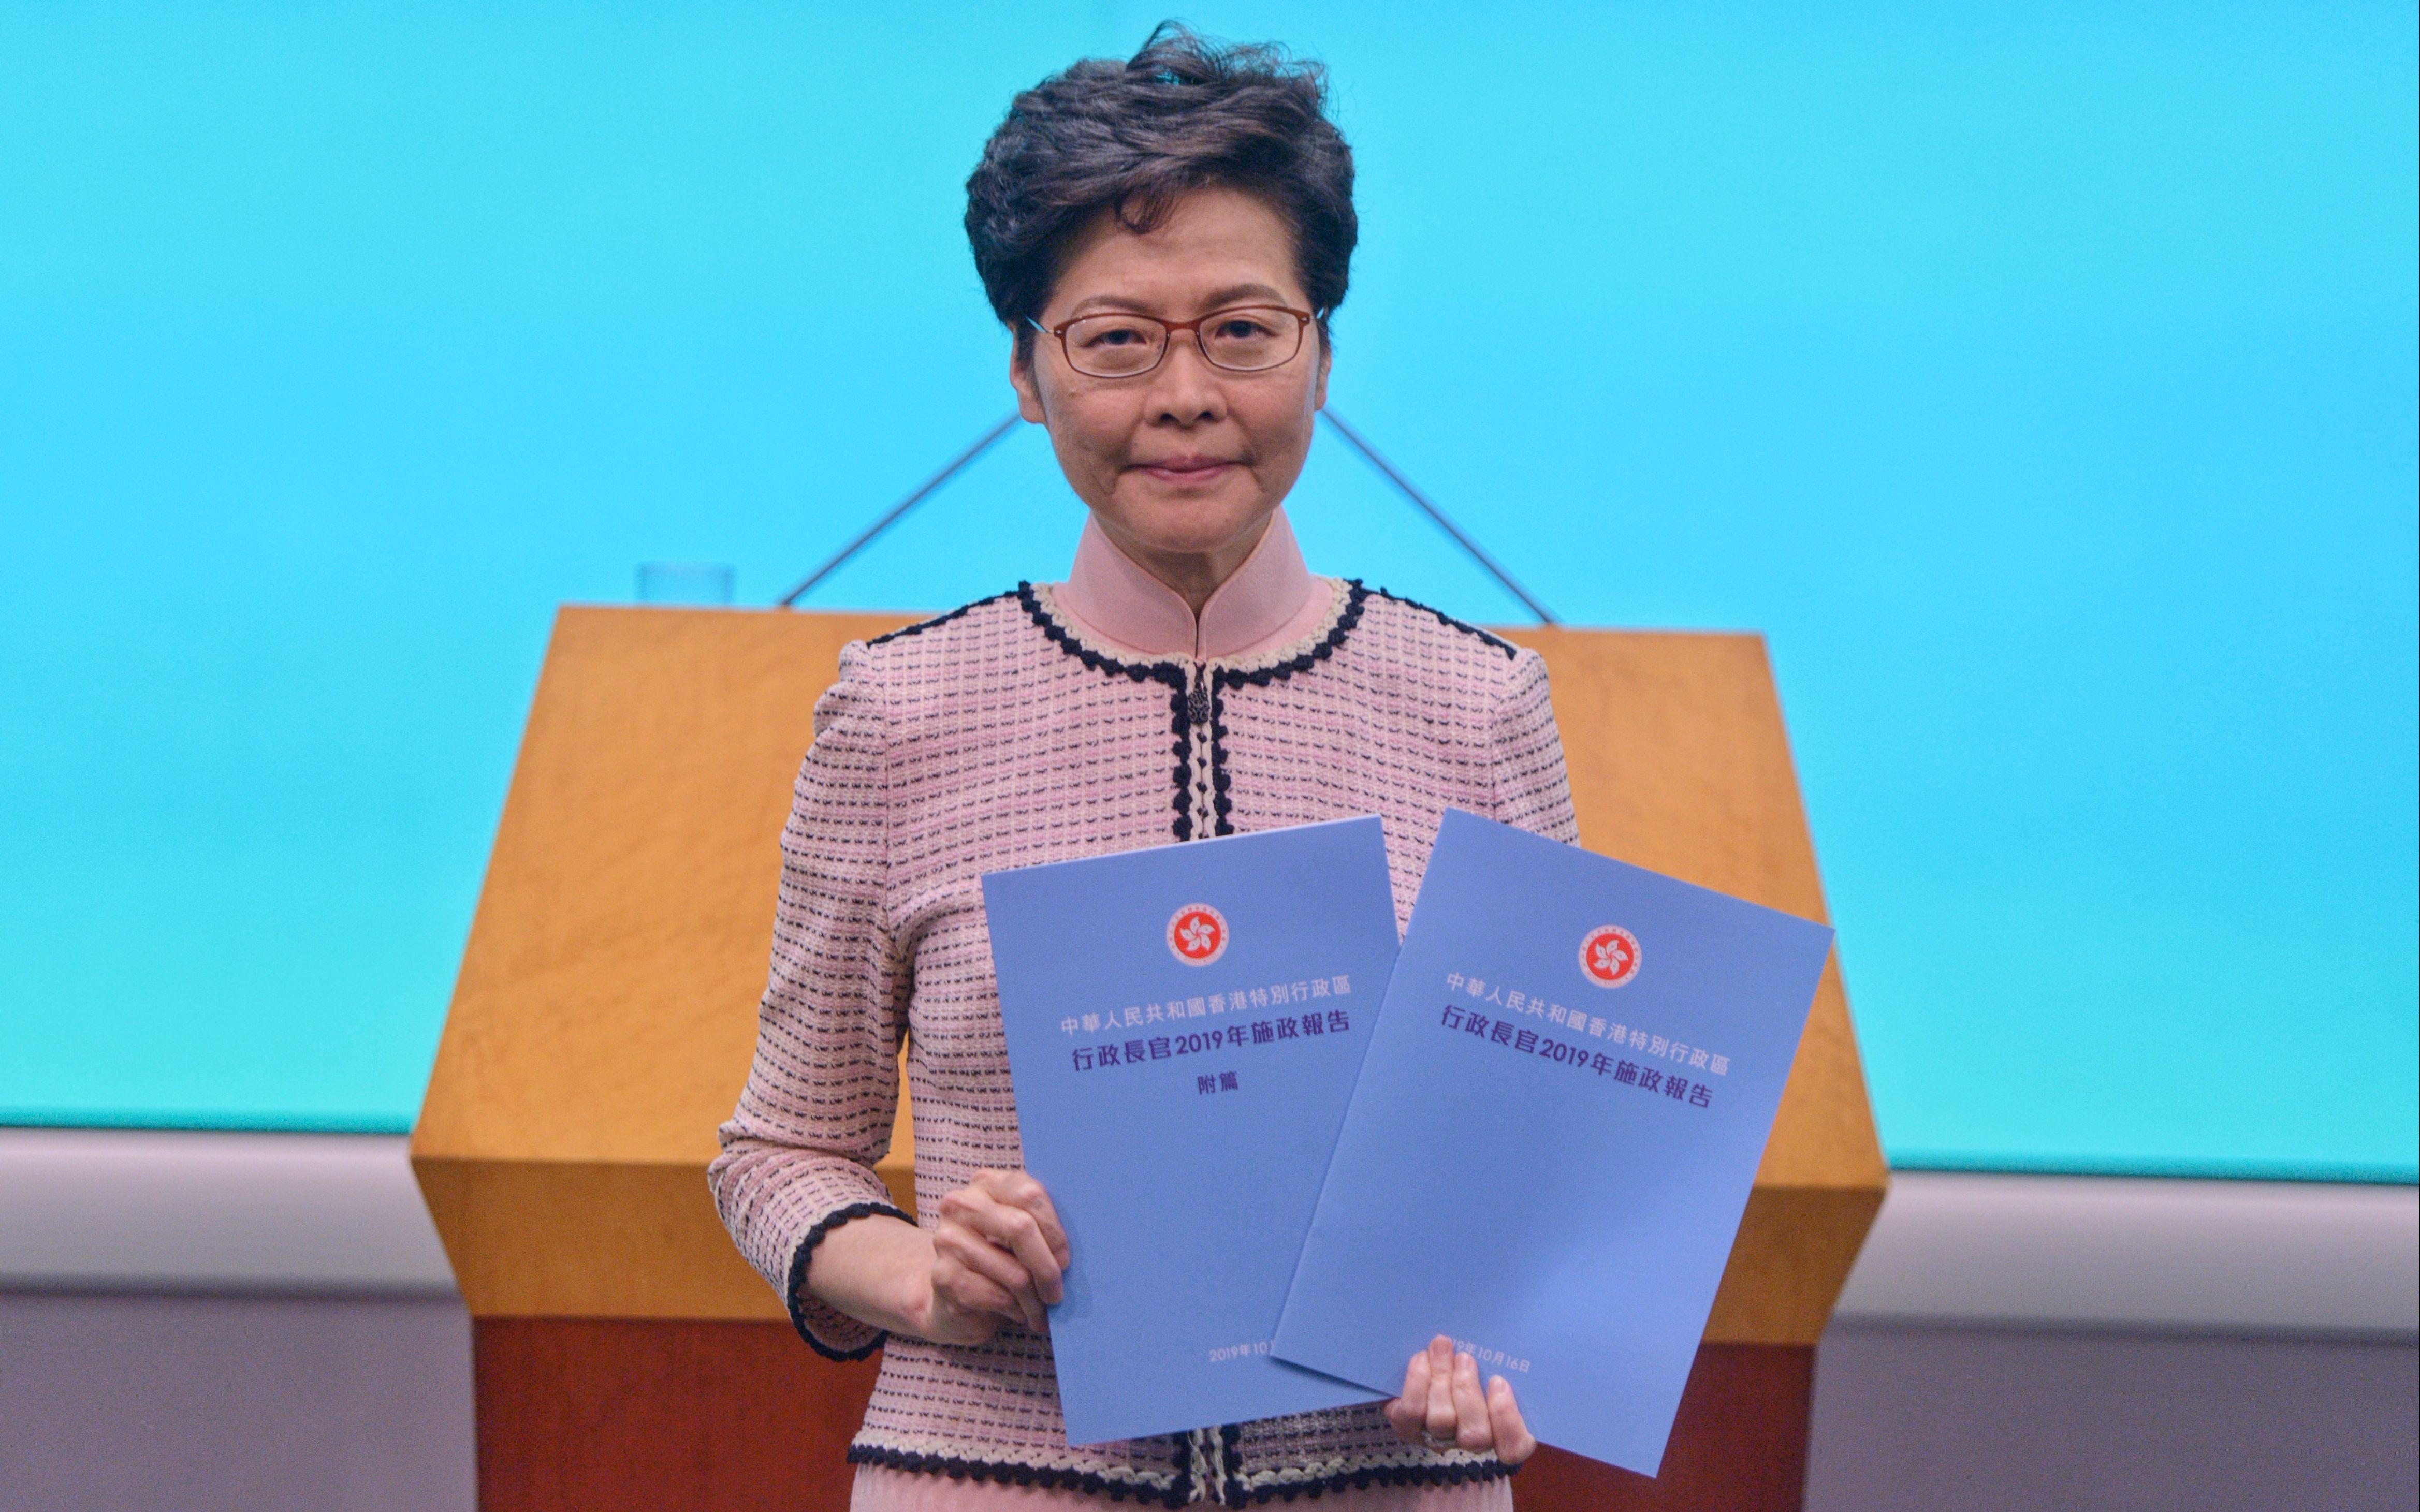 林郑月娥:新施政报告突破过往思维,直面社会最关切问题